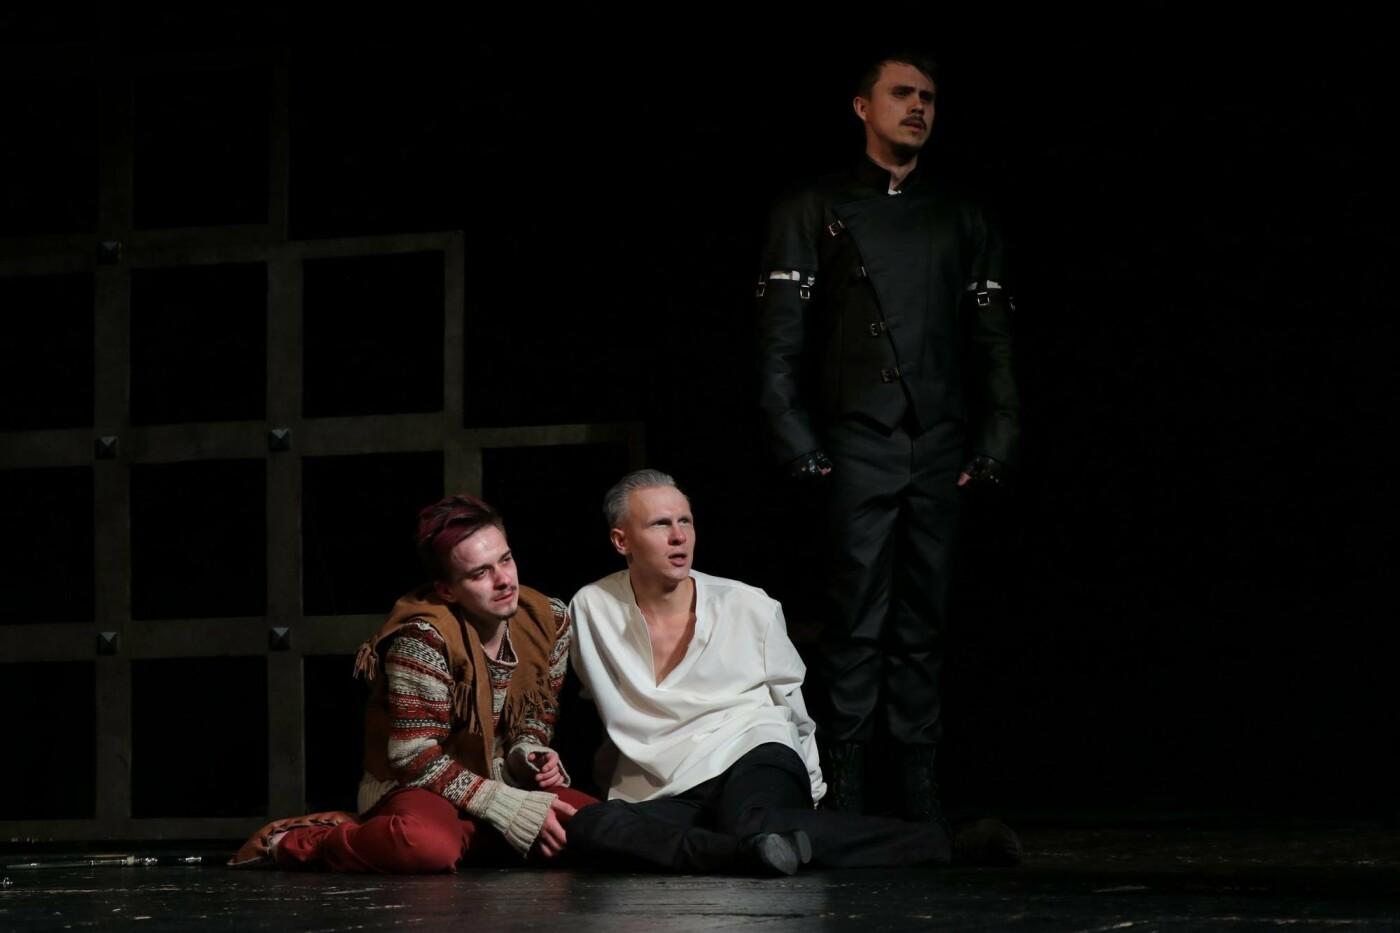 В Каменском театре показали историю любви и ненависти длиною в жизнь, фото-6